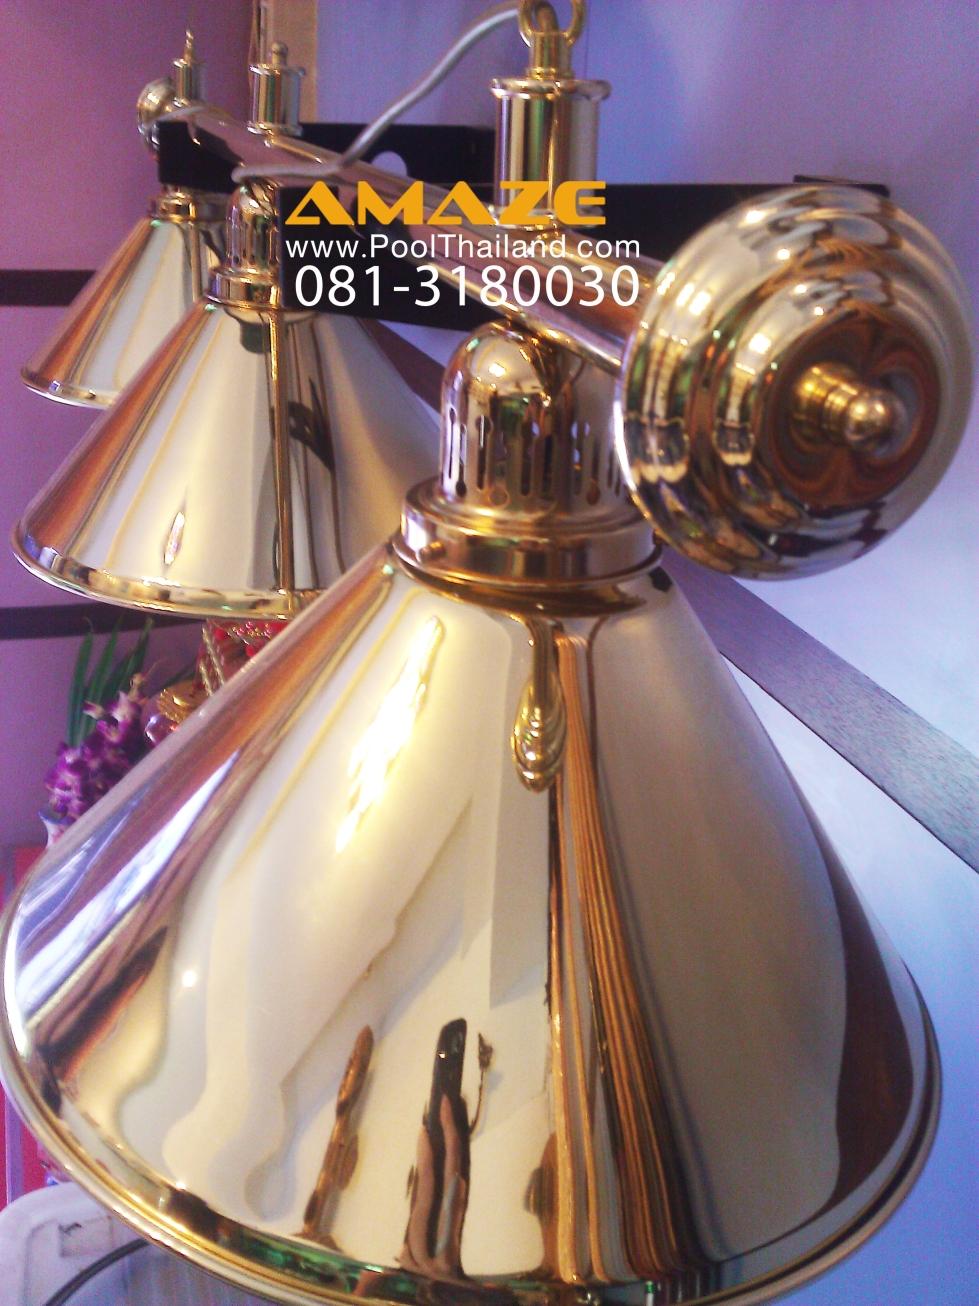 โรงงานโต๊ะพูล 081-3180030 - poolthailand_โต๊ะพูลหยอดเหรียญ